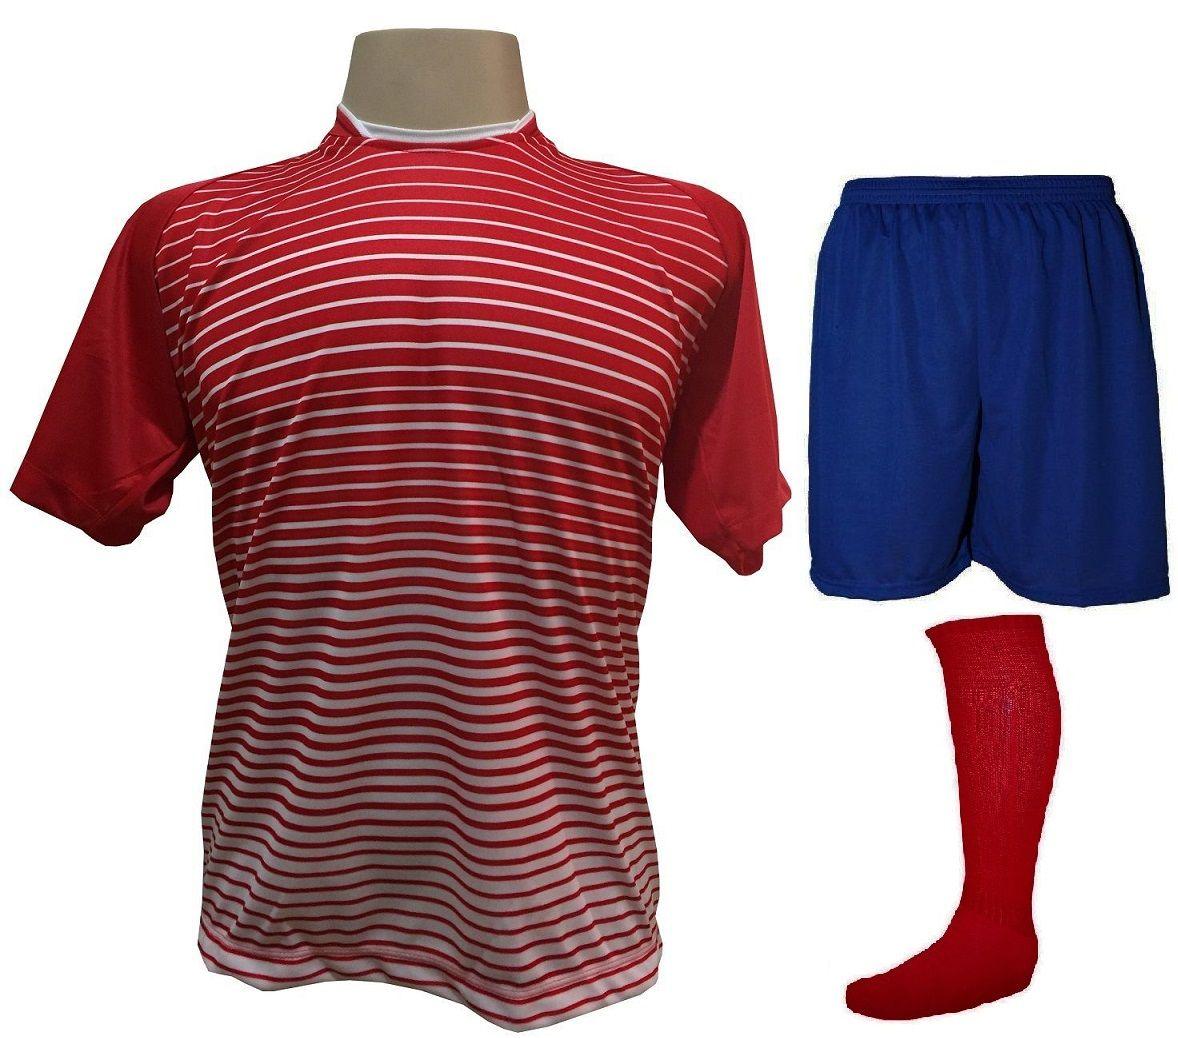 Uniforme Esportivo com 12 Camisas modelo City Vermelho/Branco + 12 Calções modelo Madrid Royal + 12 Pares de meiões Vermelho